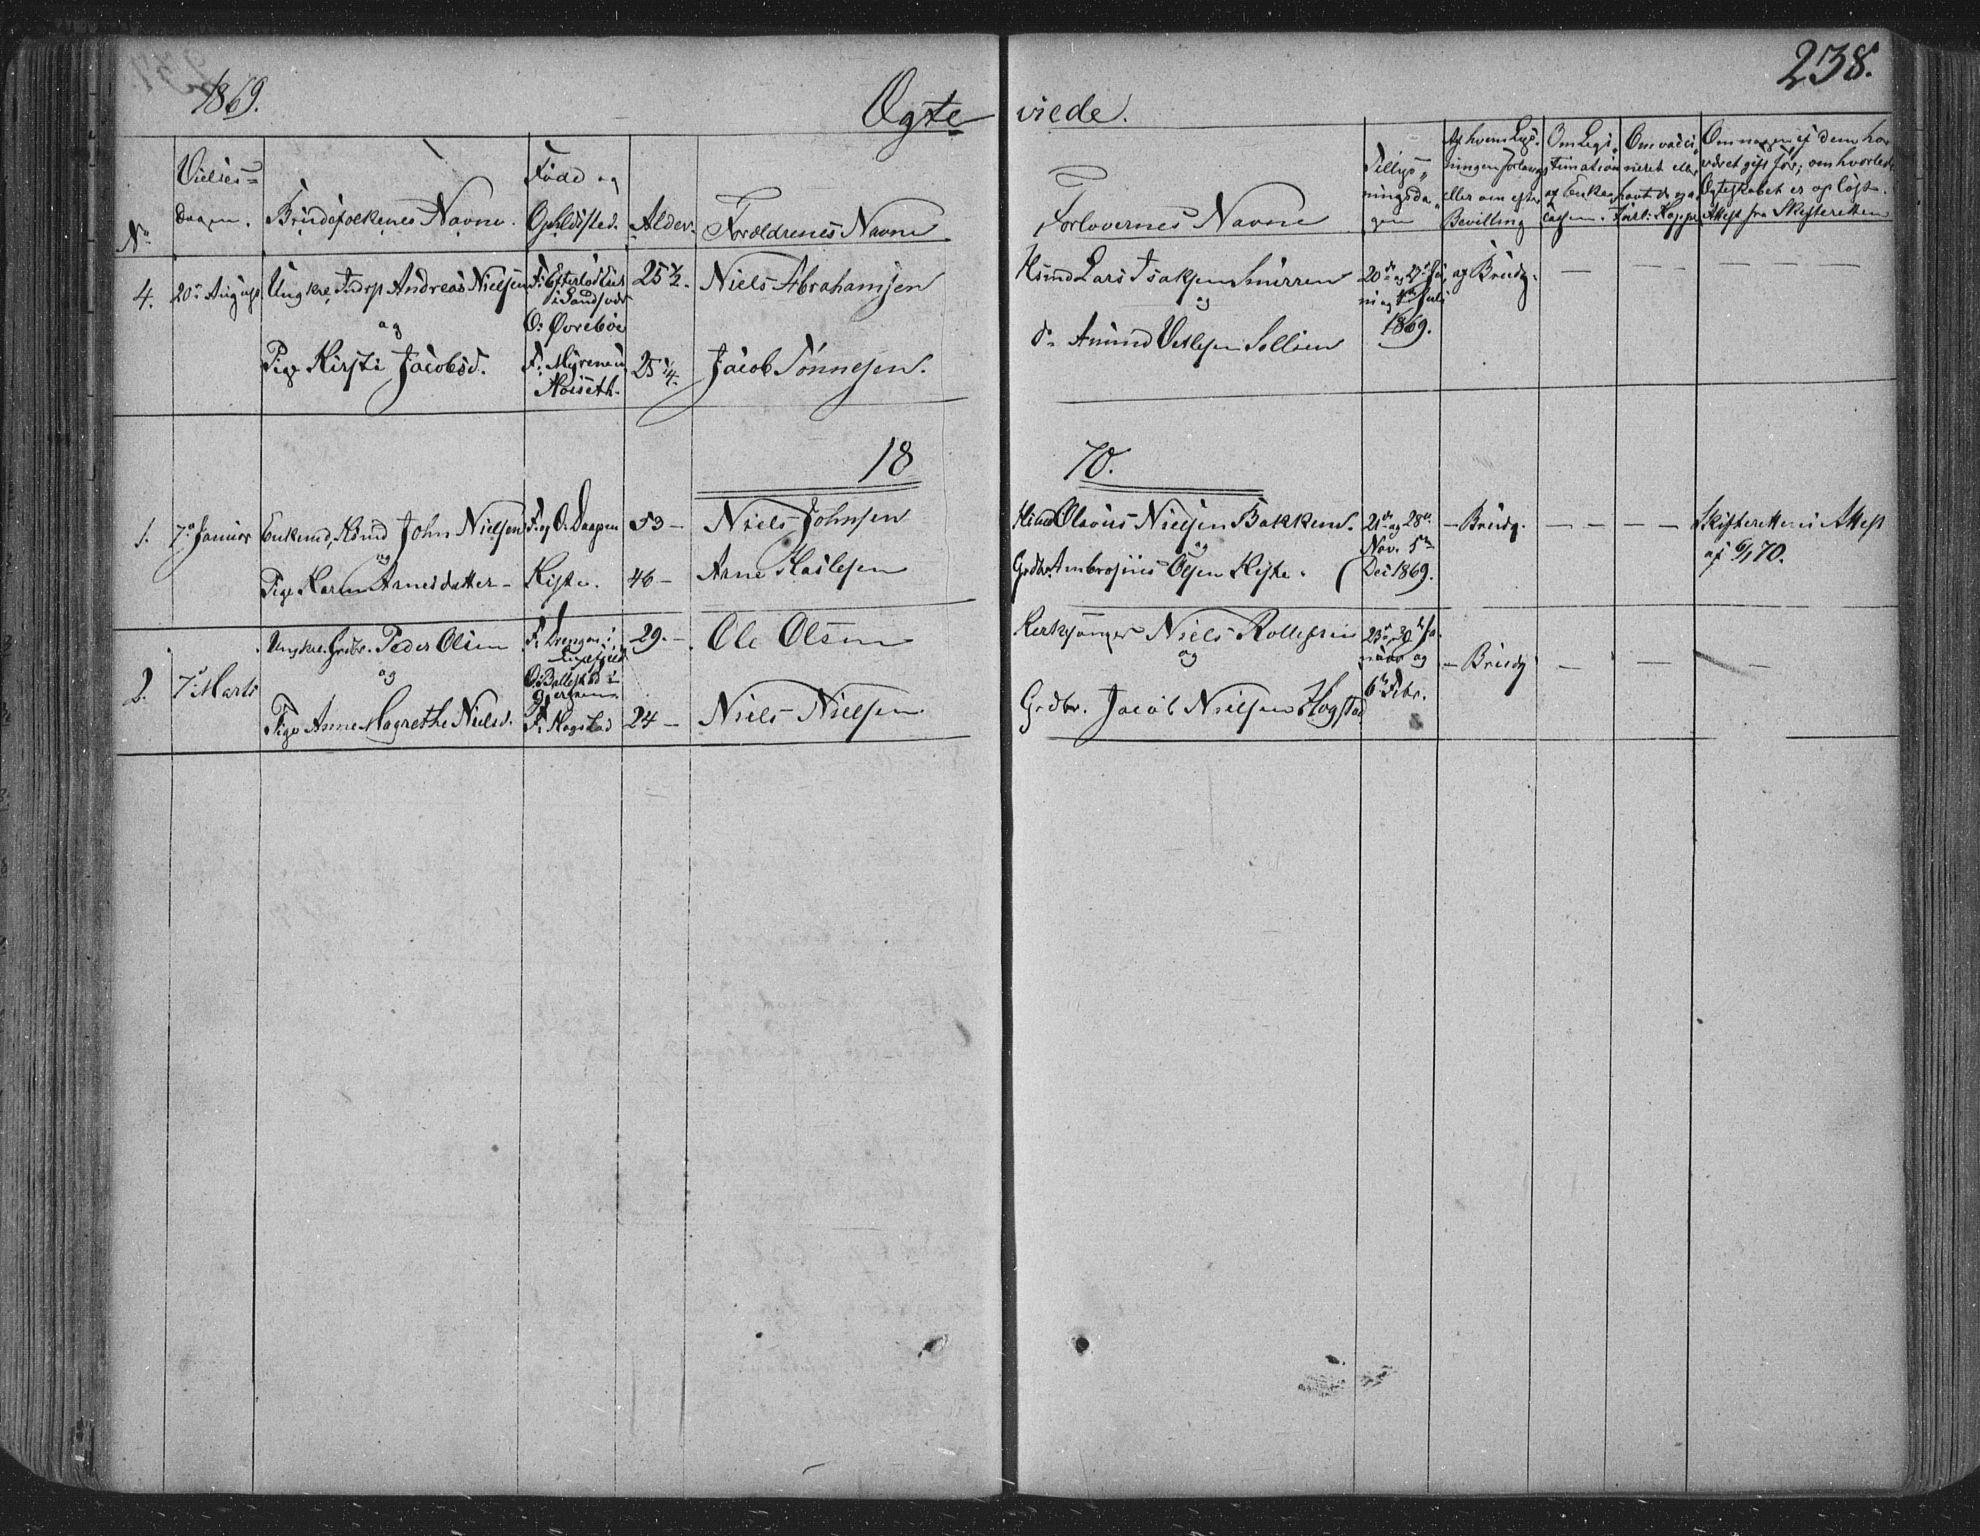 SAKO, Siljan kirkebøker, F/Fa/L0001: Ministerialbok nr. 1, 1831-1870, s. 238